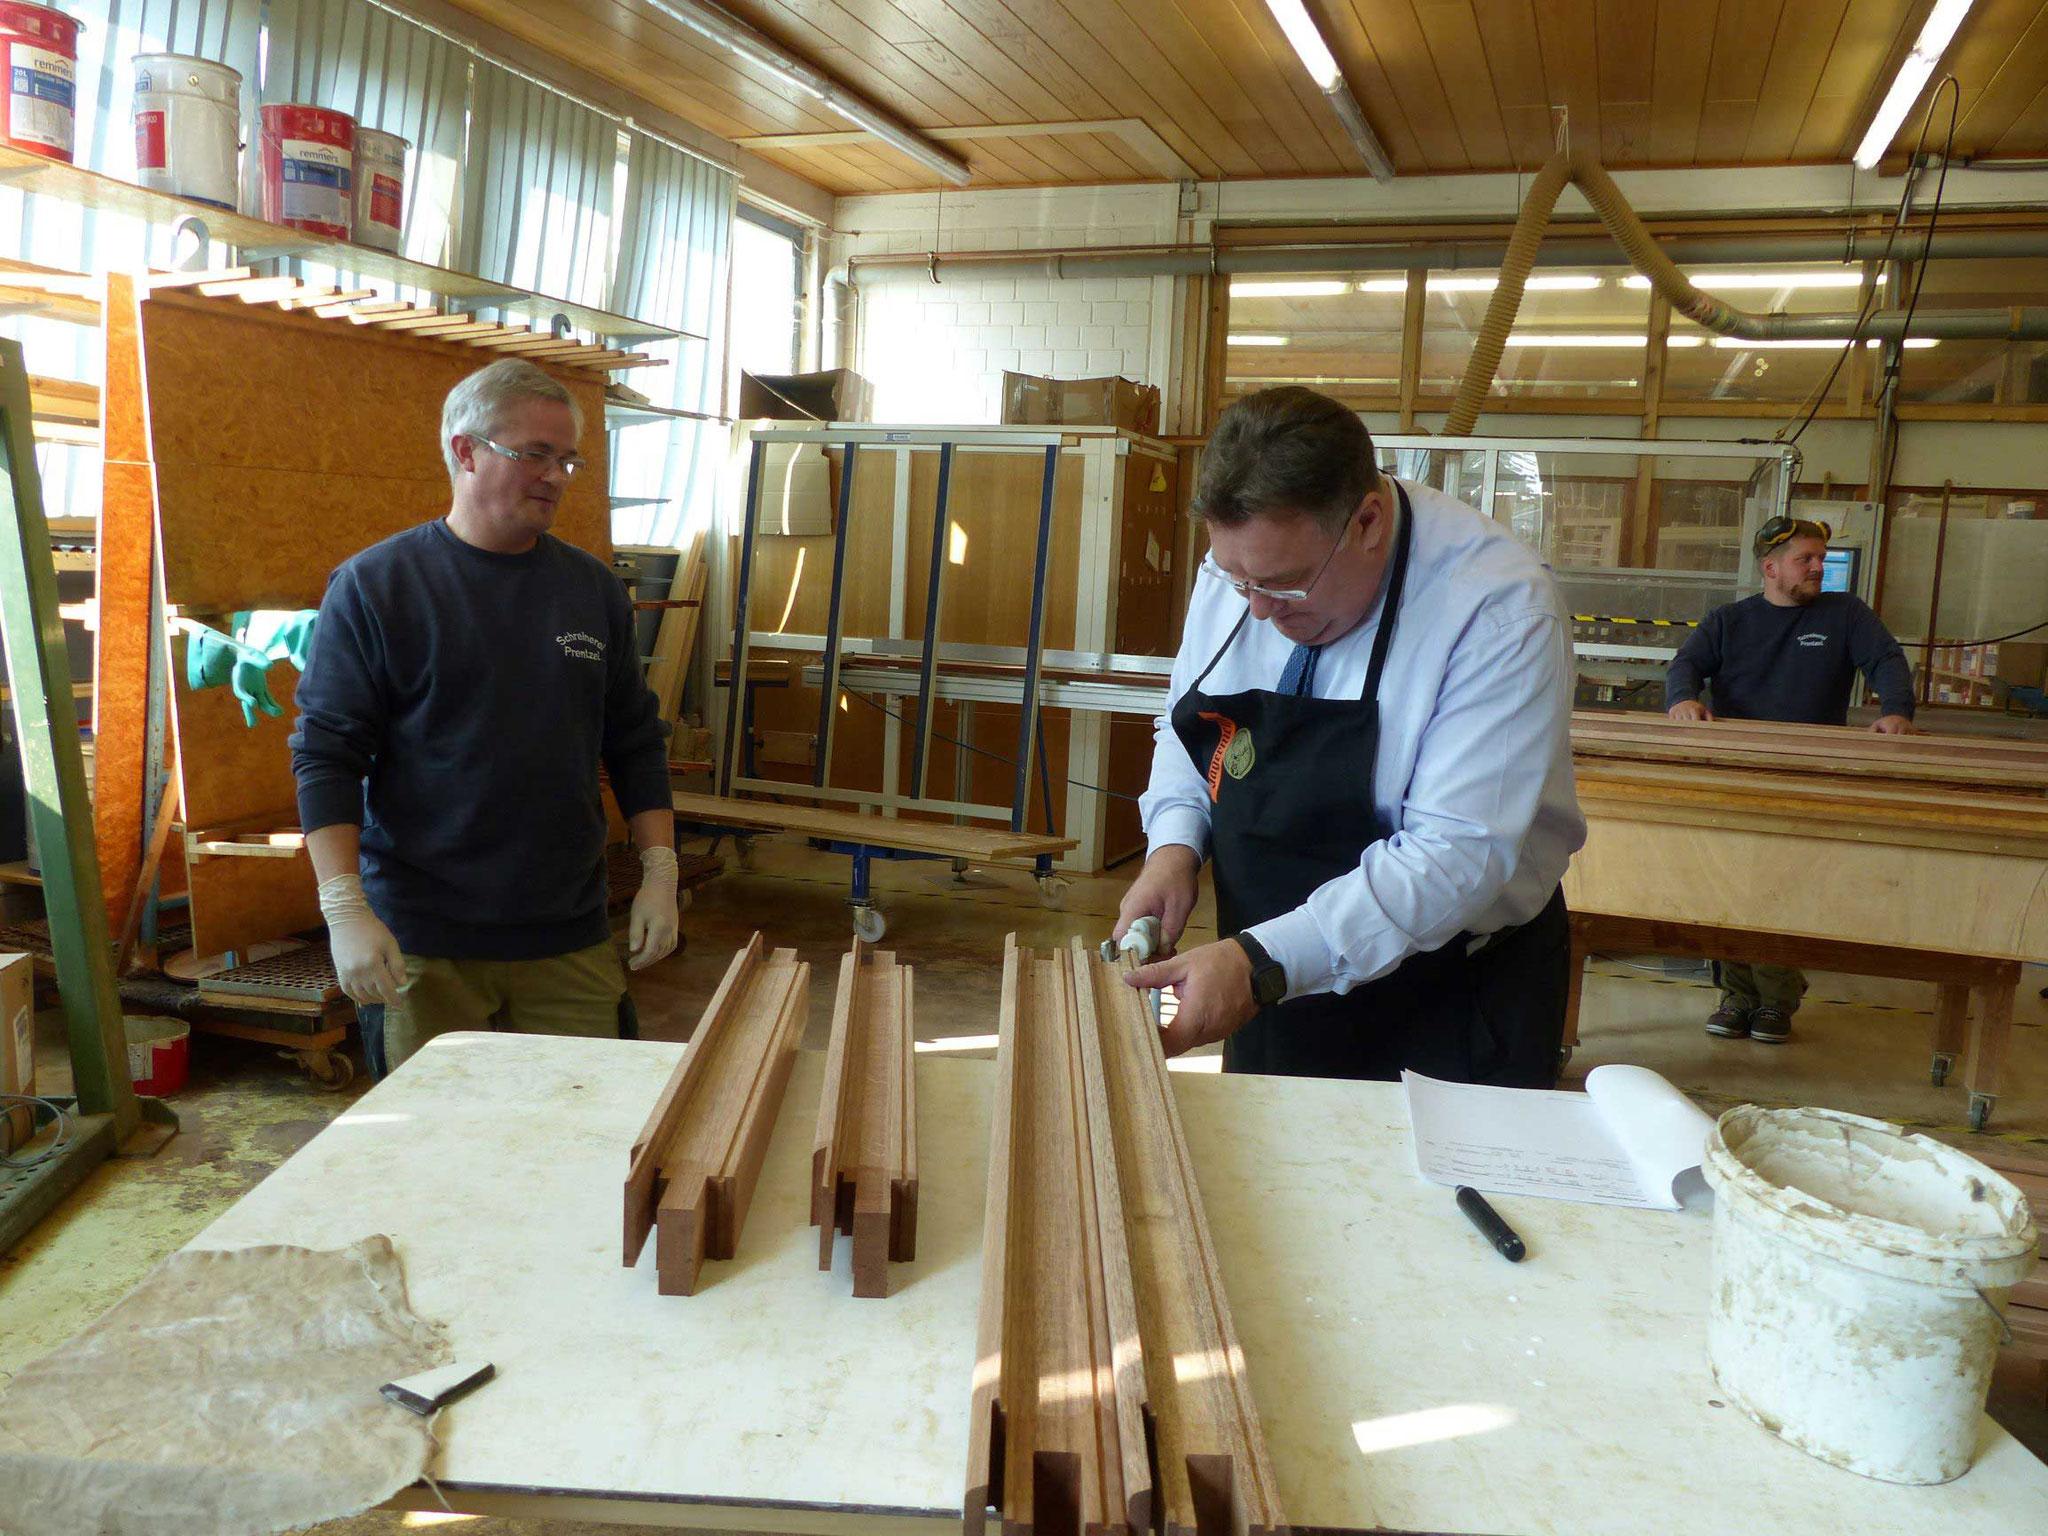 Bei der Schreinerei Prentzel in Fritzlar-Züschen durfte Staatssekretär Mark Weinmeister das Sakko kurz gegen eine Schürze tauschen und einen Rahmen verleimen.